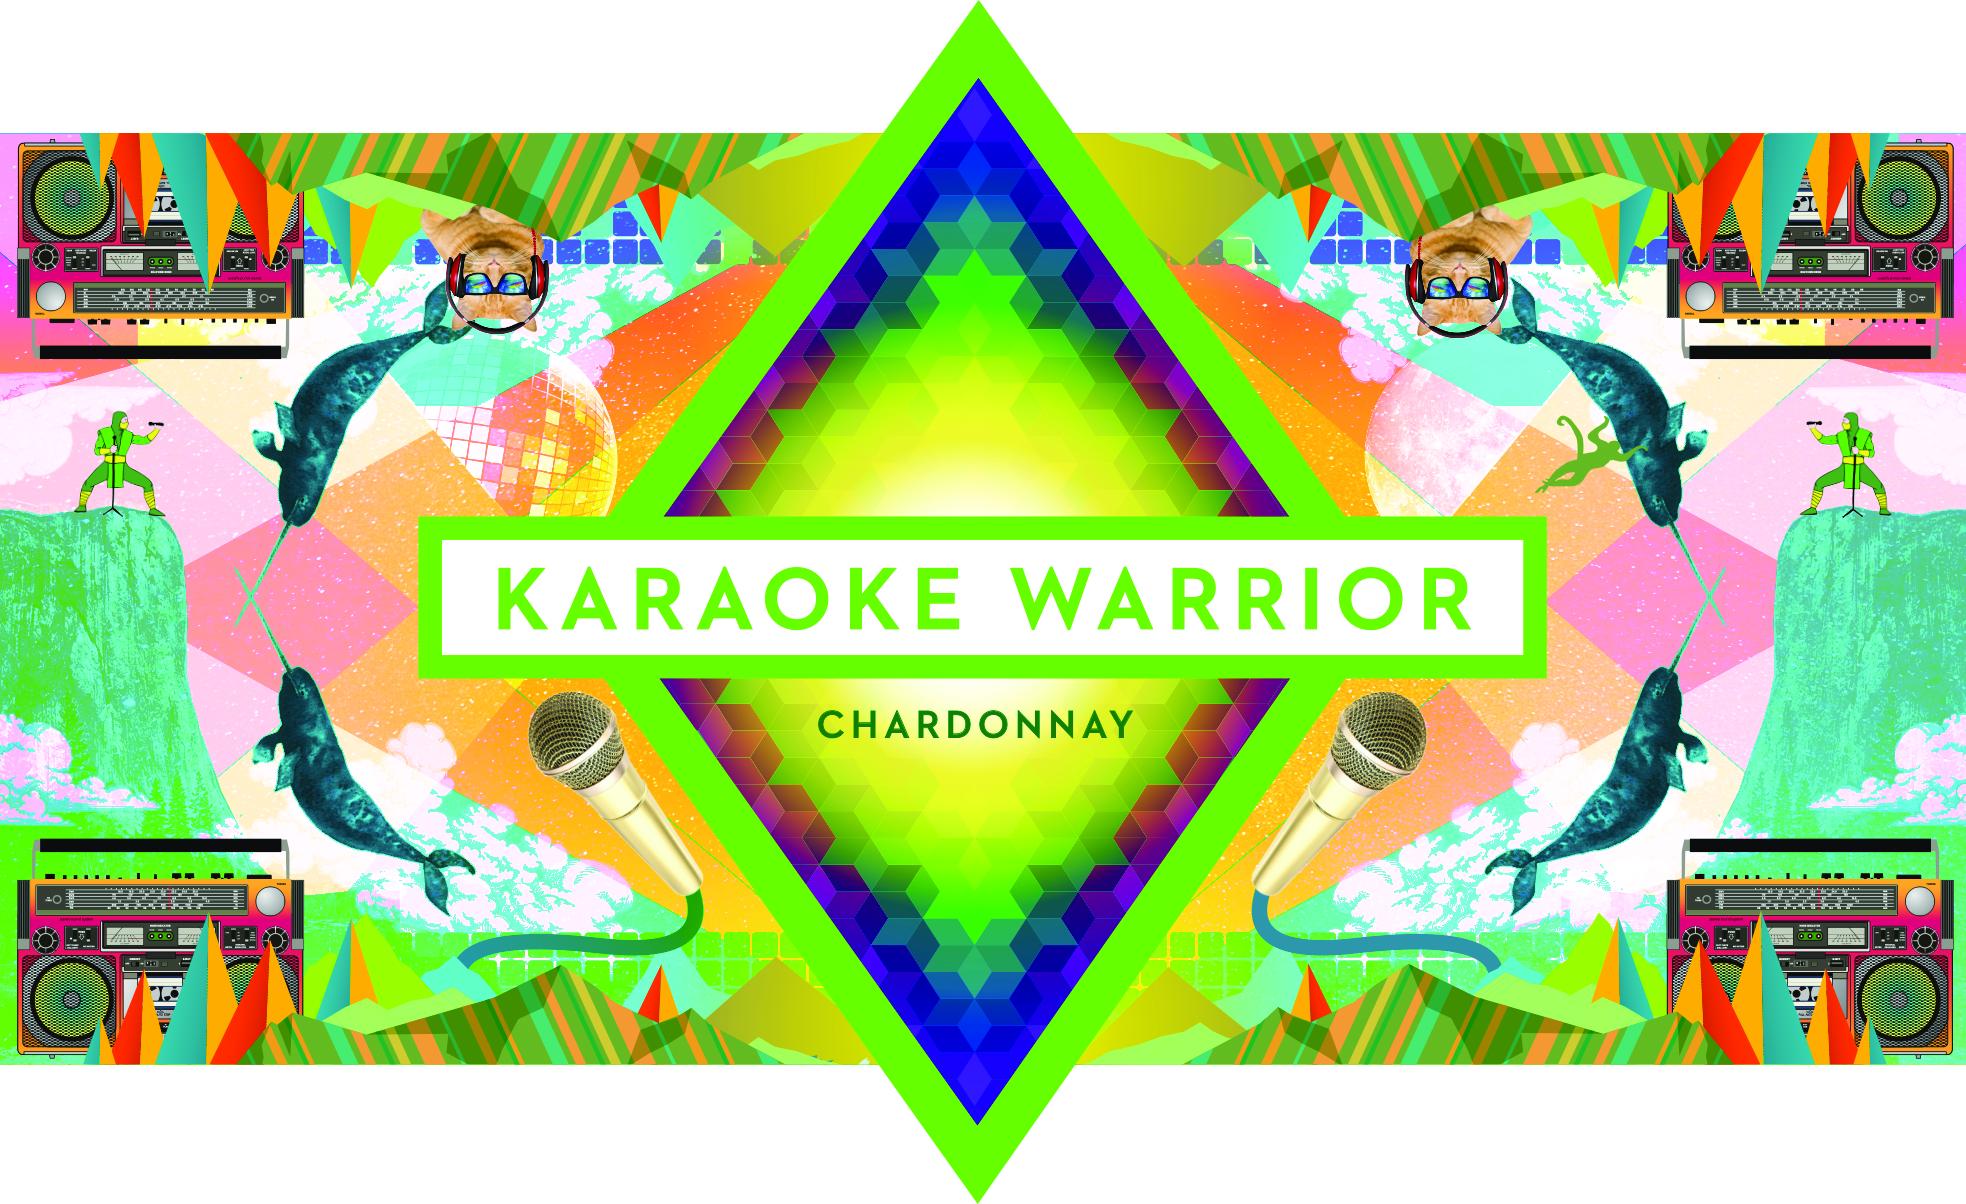 Lovesong Wines Karaoke Warrior label.jpg